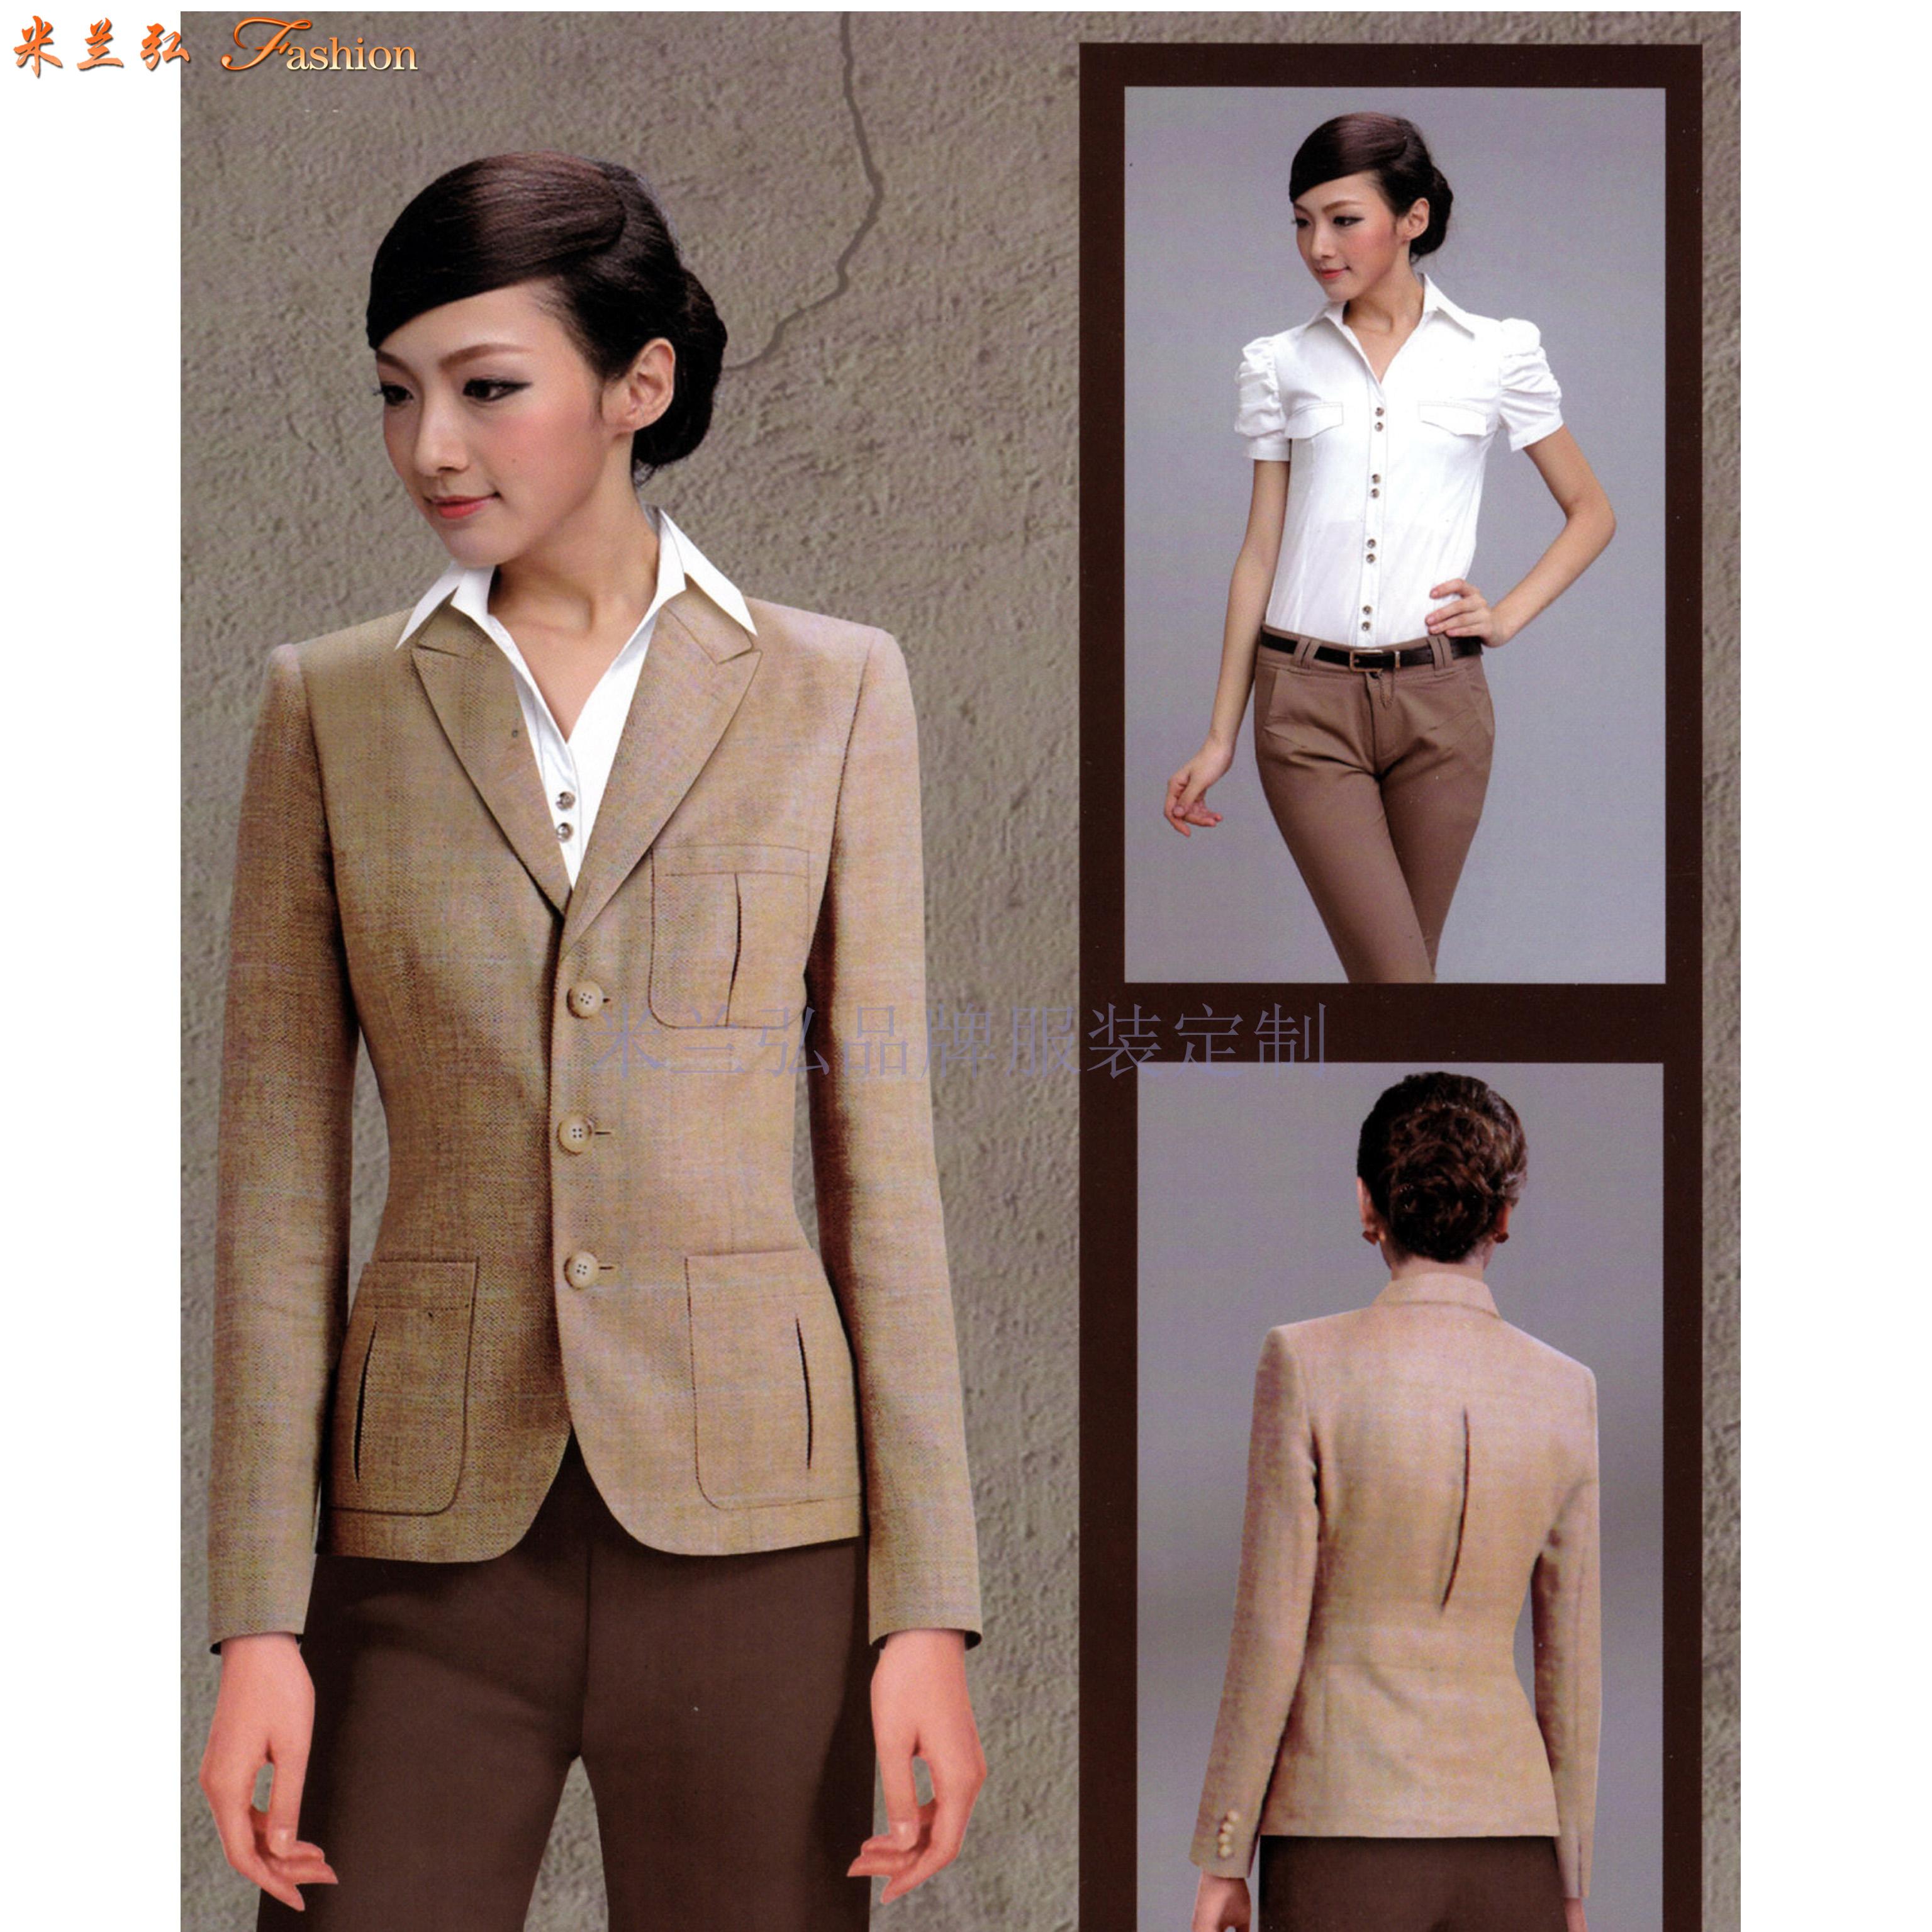 「職業裝」北京量身定制訂做通勤職業裝的靠譜公司-米蘭弘服裝-3